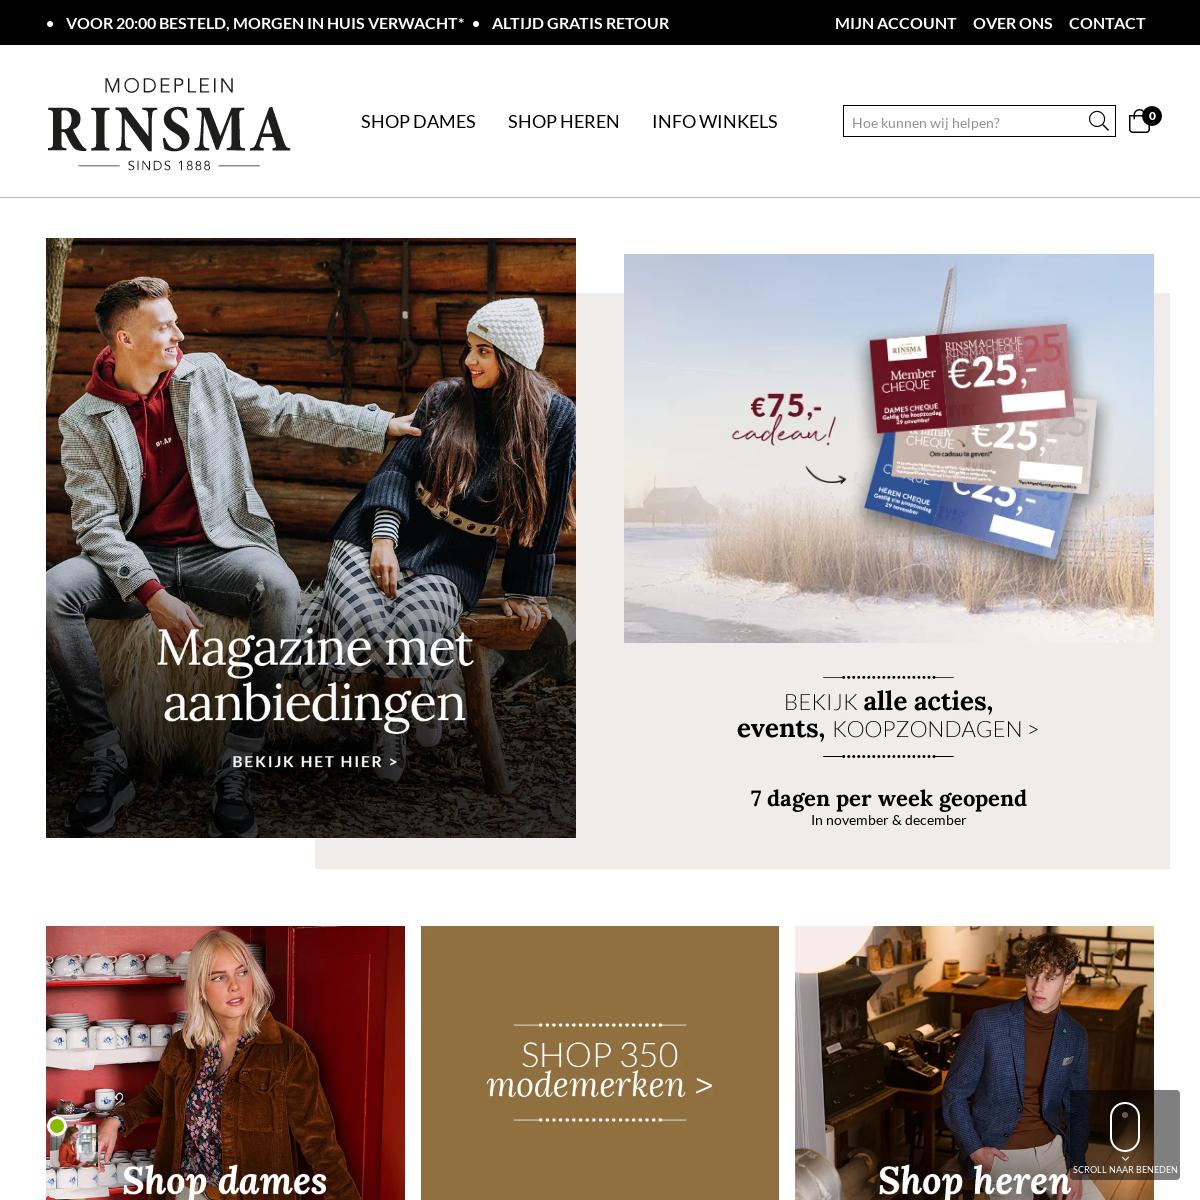 RINSMA MODEPLEIN - Hét modeplein van Nederland